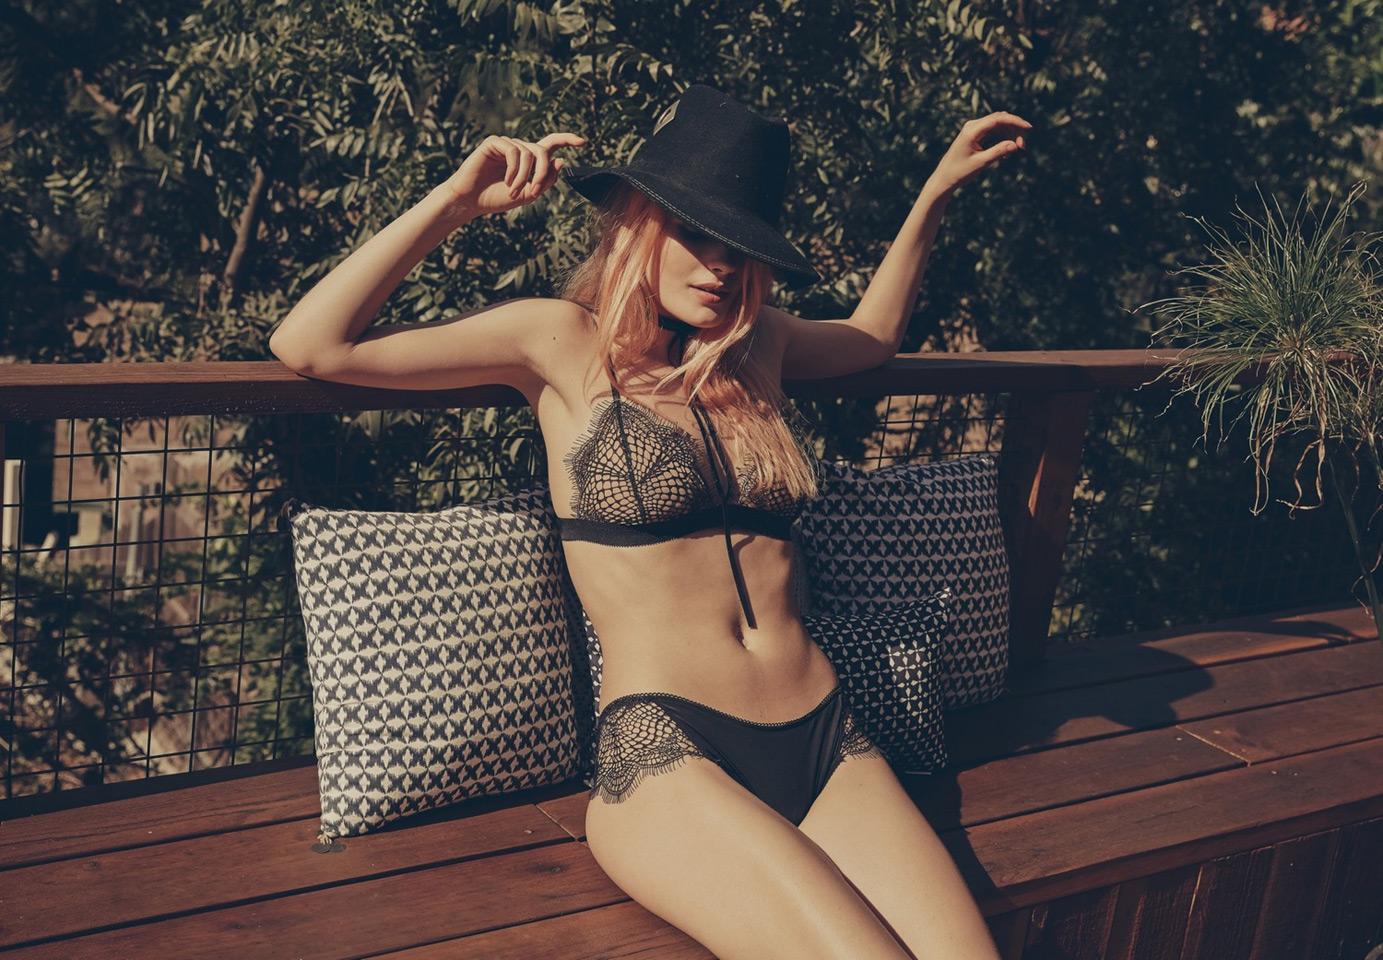 Nemeckaya-model-Alena-Blom-dlya-marki-For-Love--Lemons-40-foto